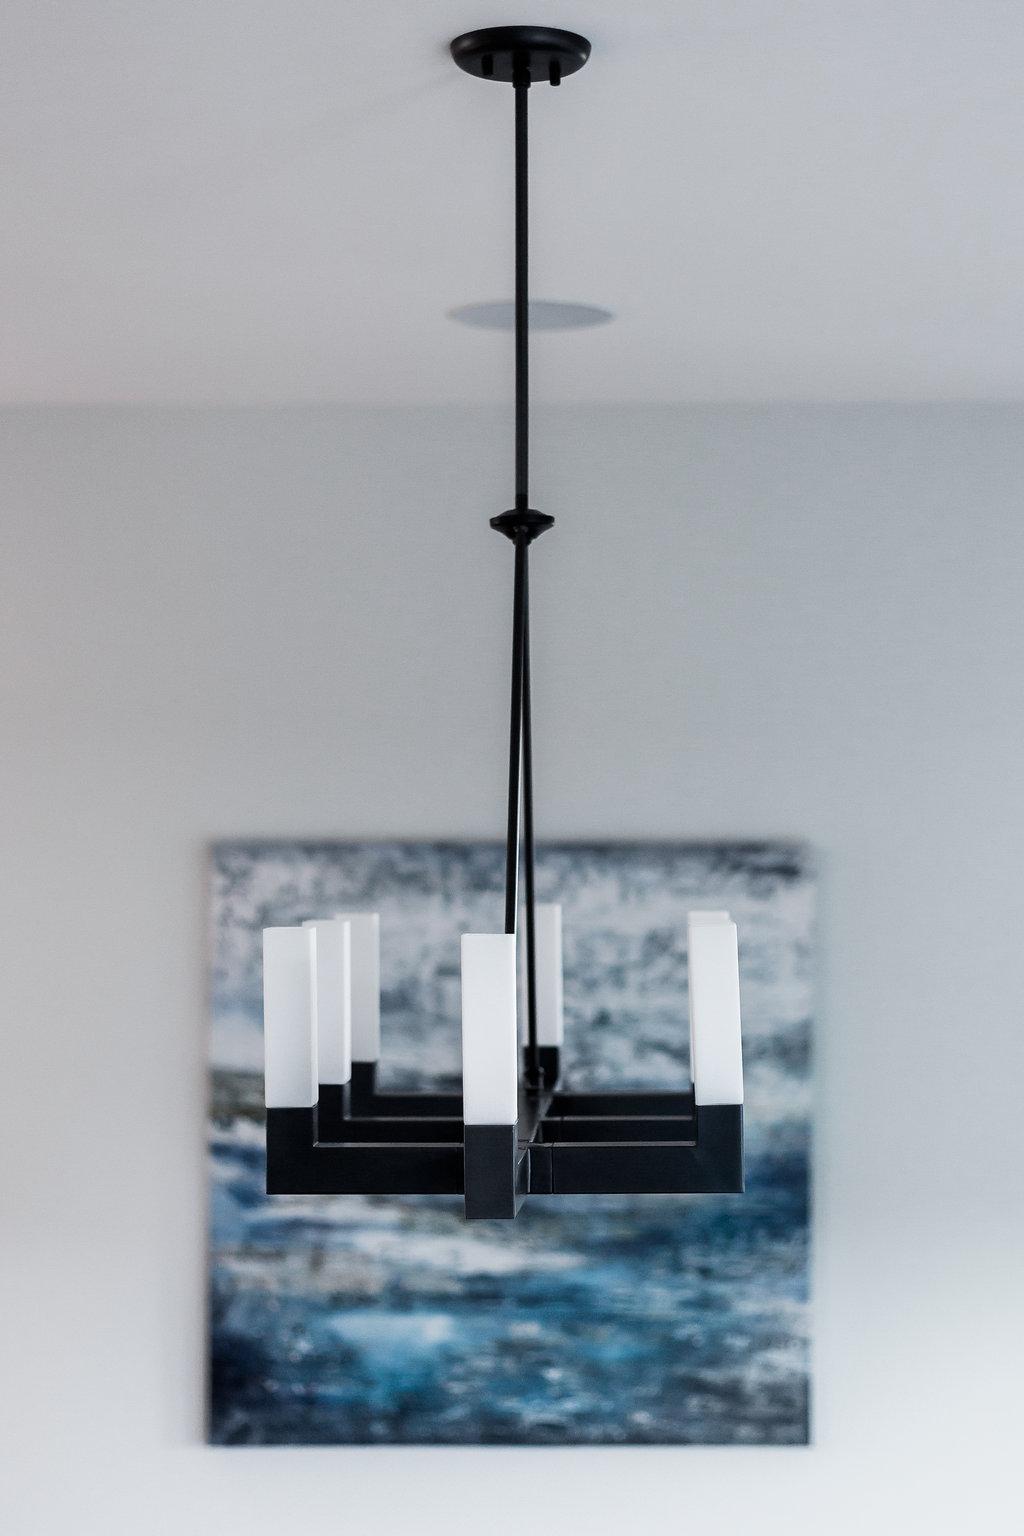 Calgary Modern Interior Design Dining Room Light.jpg